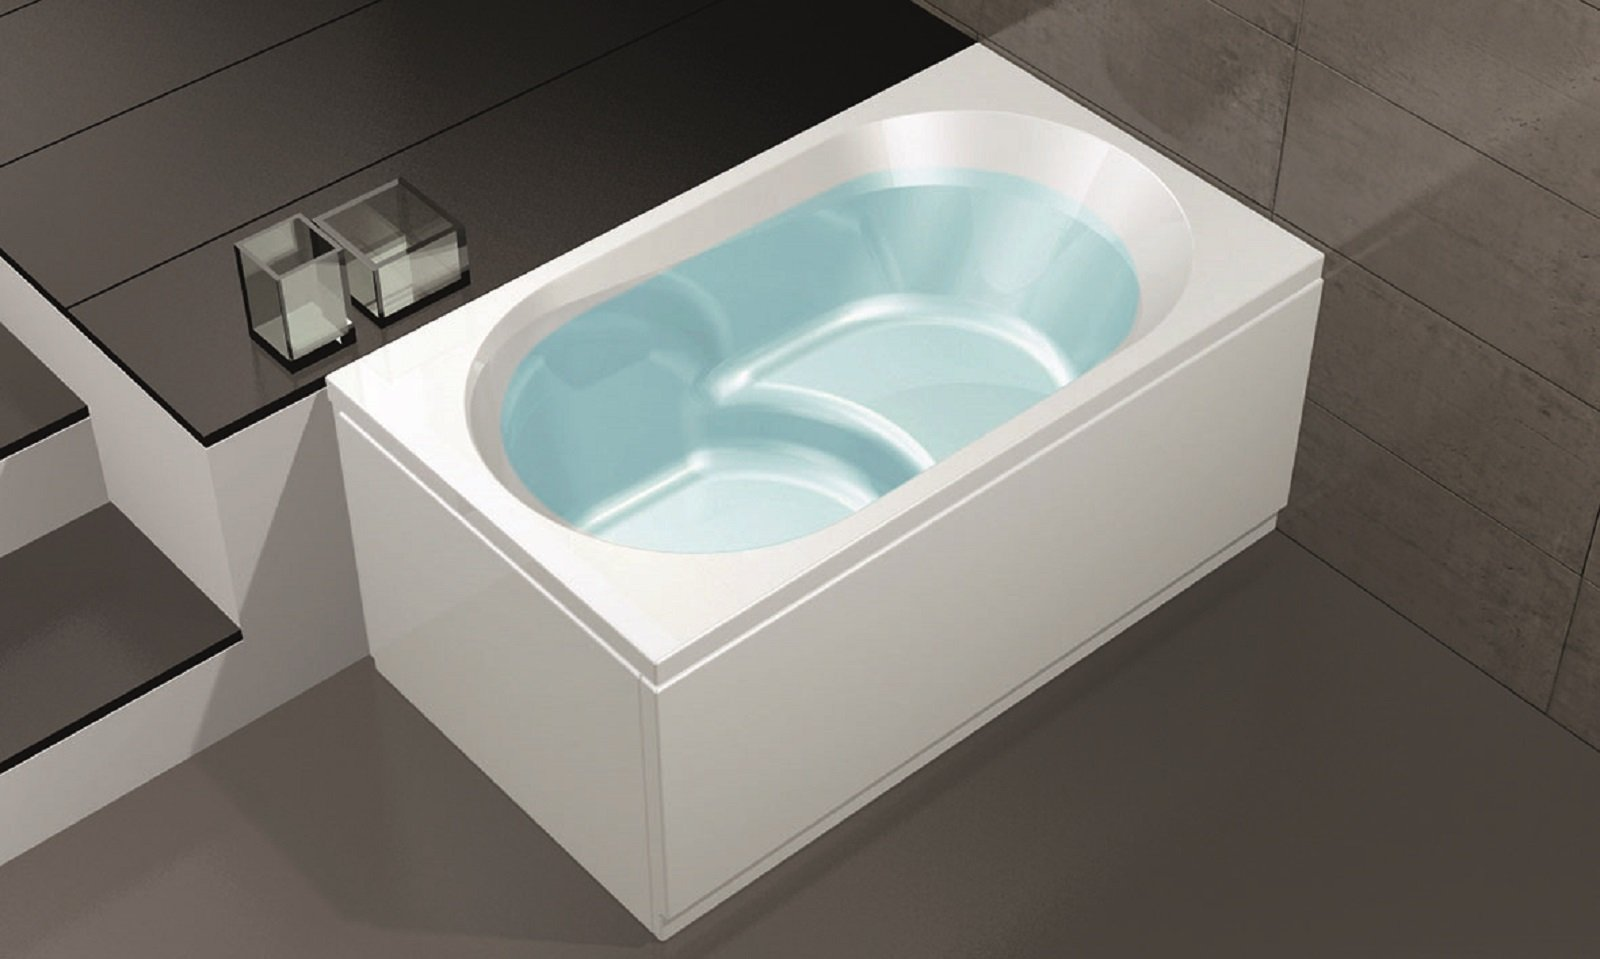 Vasche Da Bagno Angolari Ideal Standard : Vasche piccole dalle dimensioni compatte e svariate misure e forme